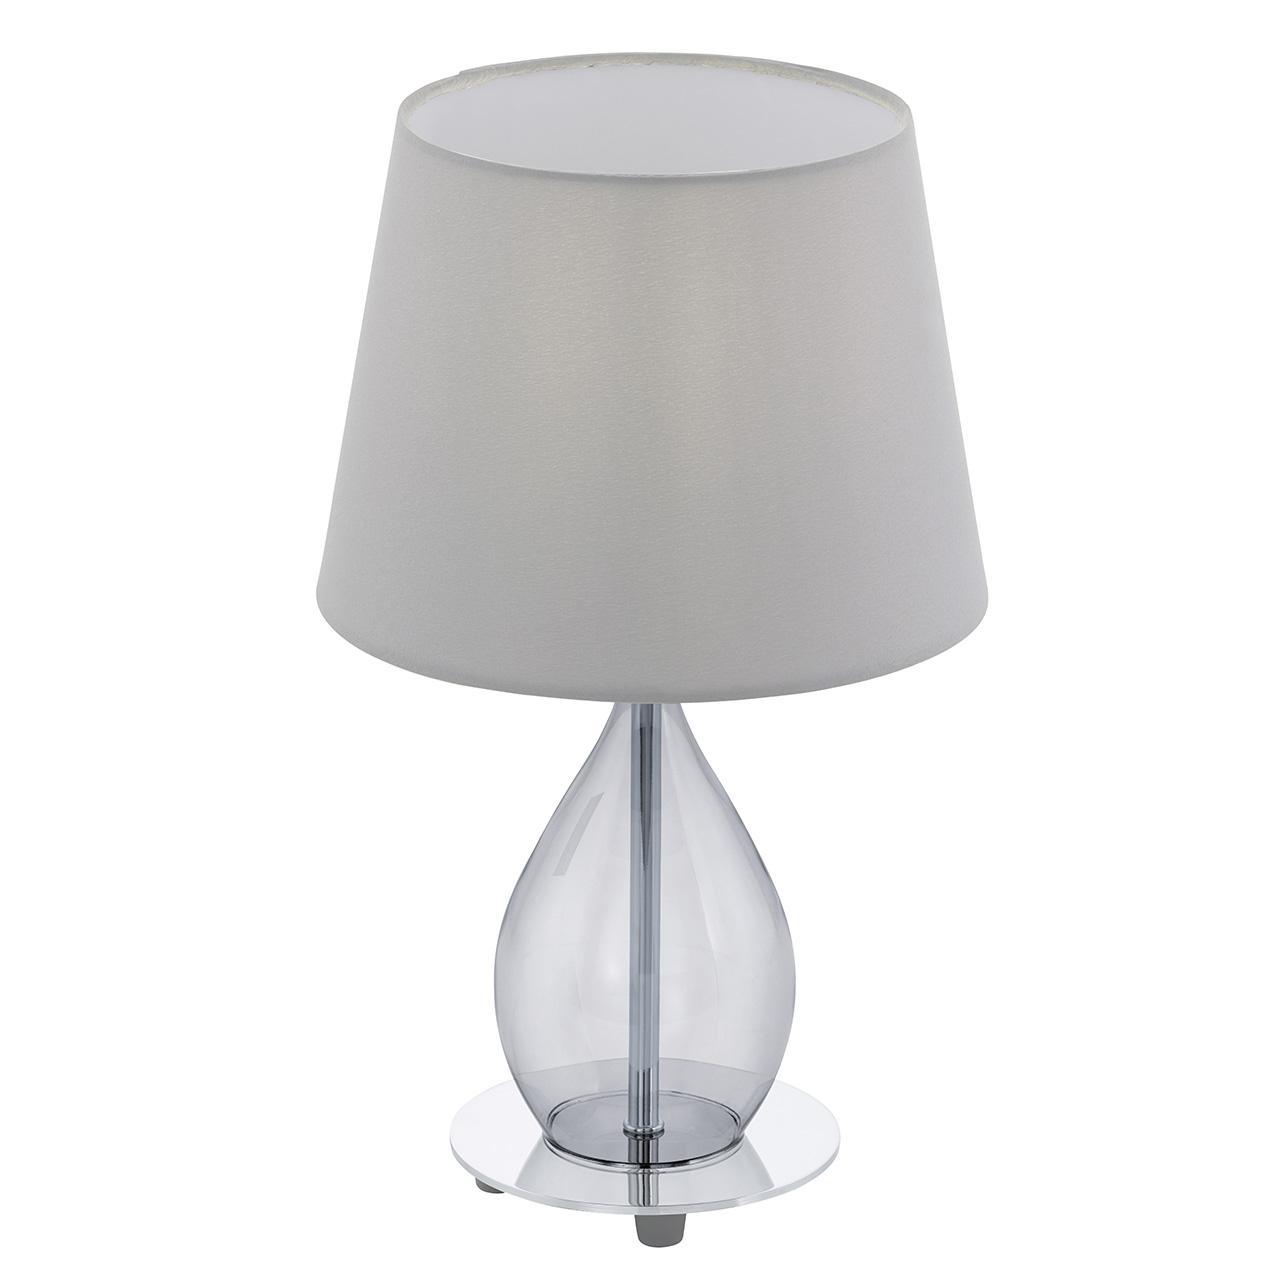 Купить Настольная лампа дизайнерская Beyond в интернет магазине дизайнерской мебели и аксессуаров для дома и дачи